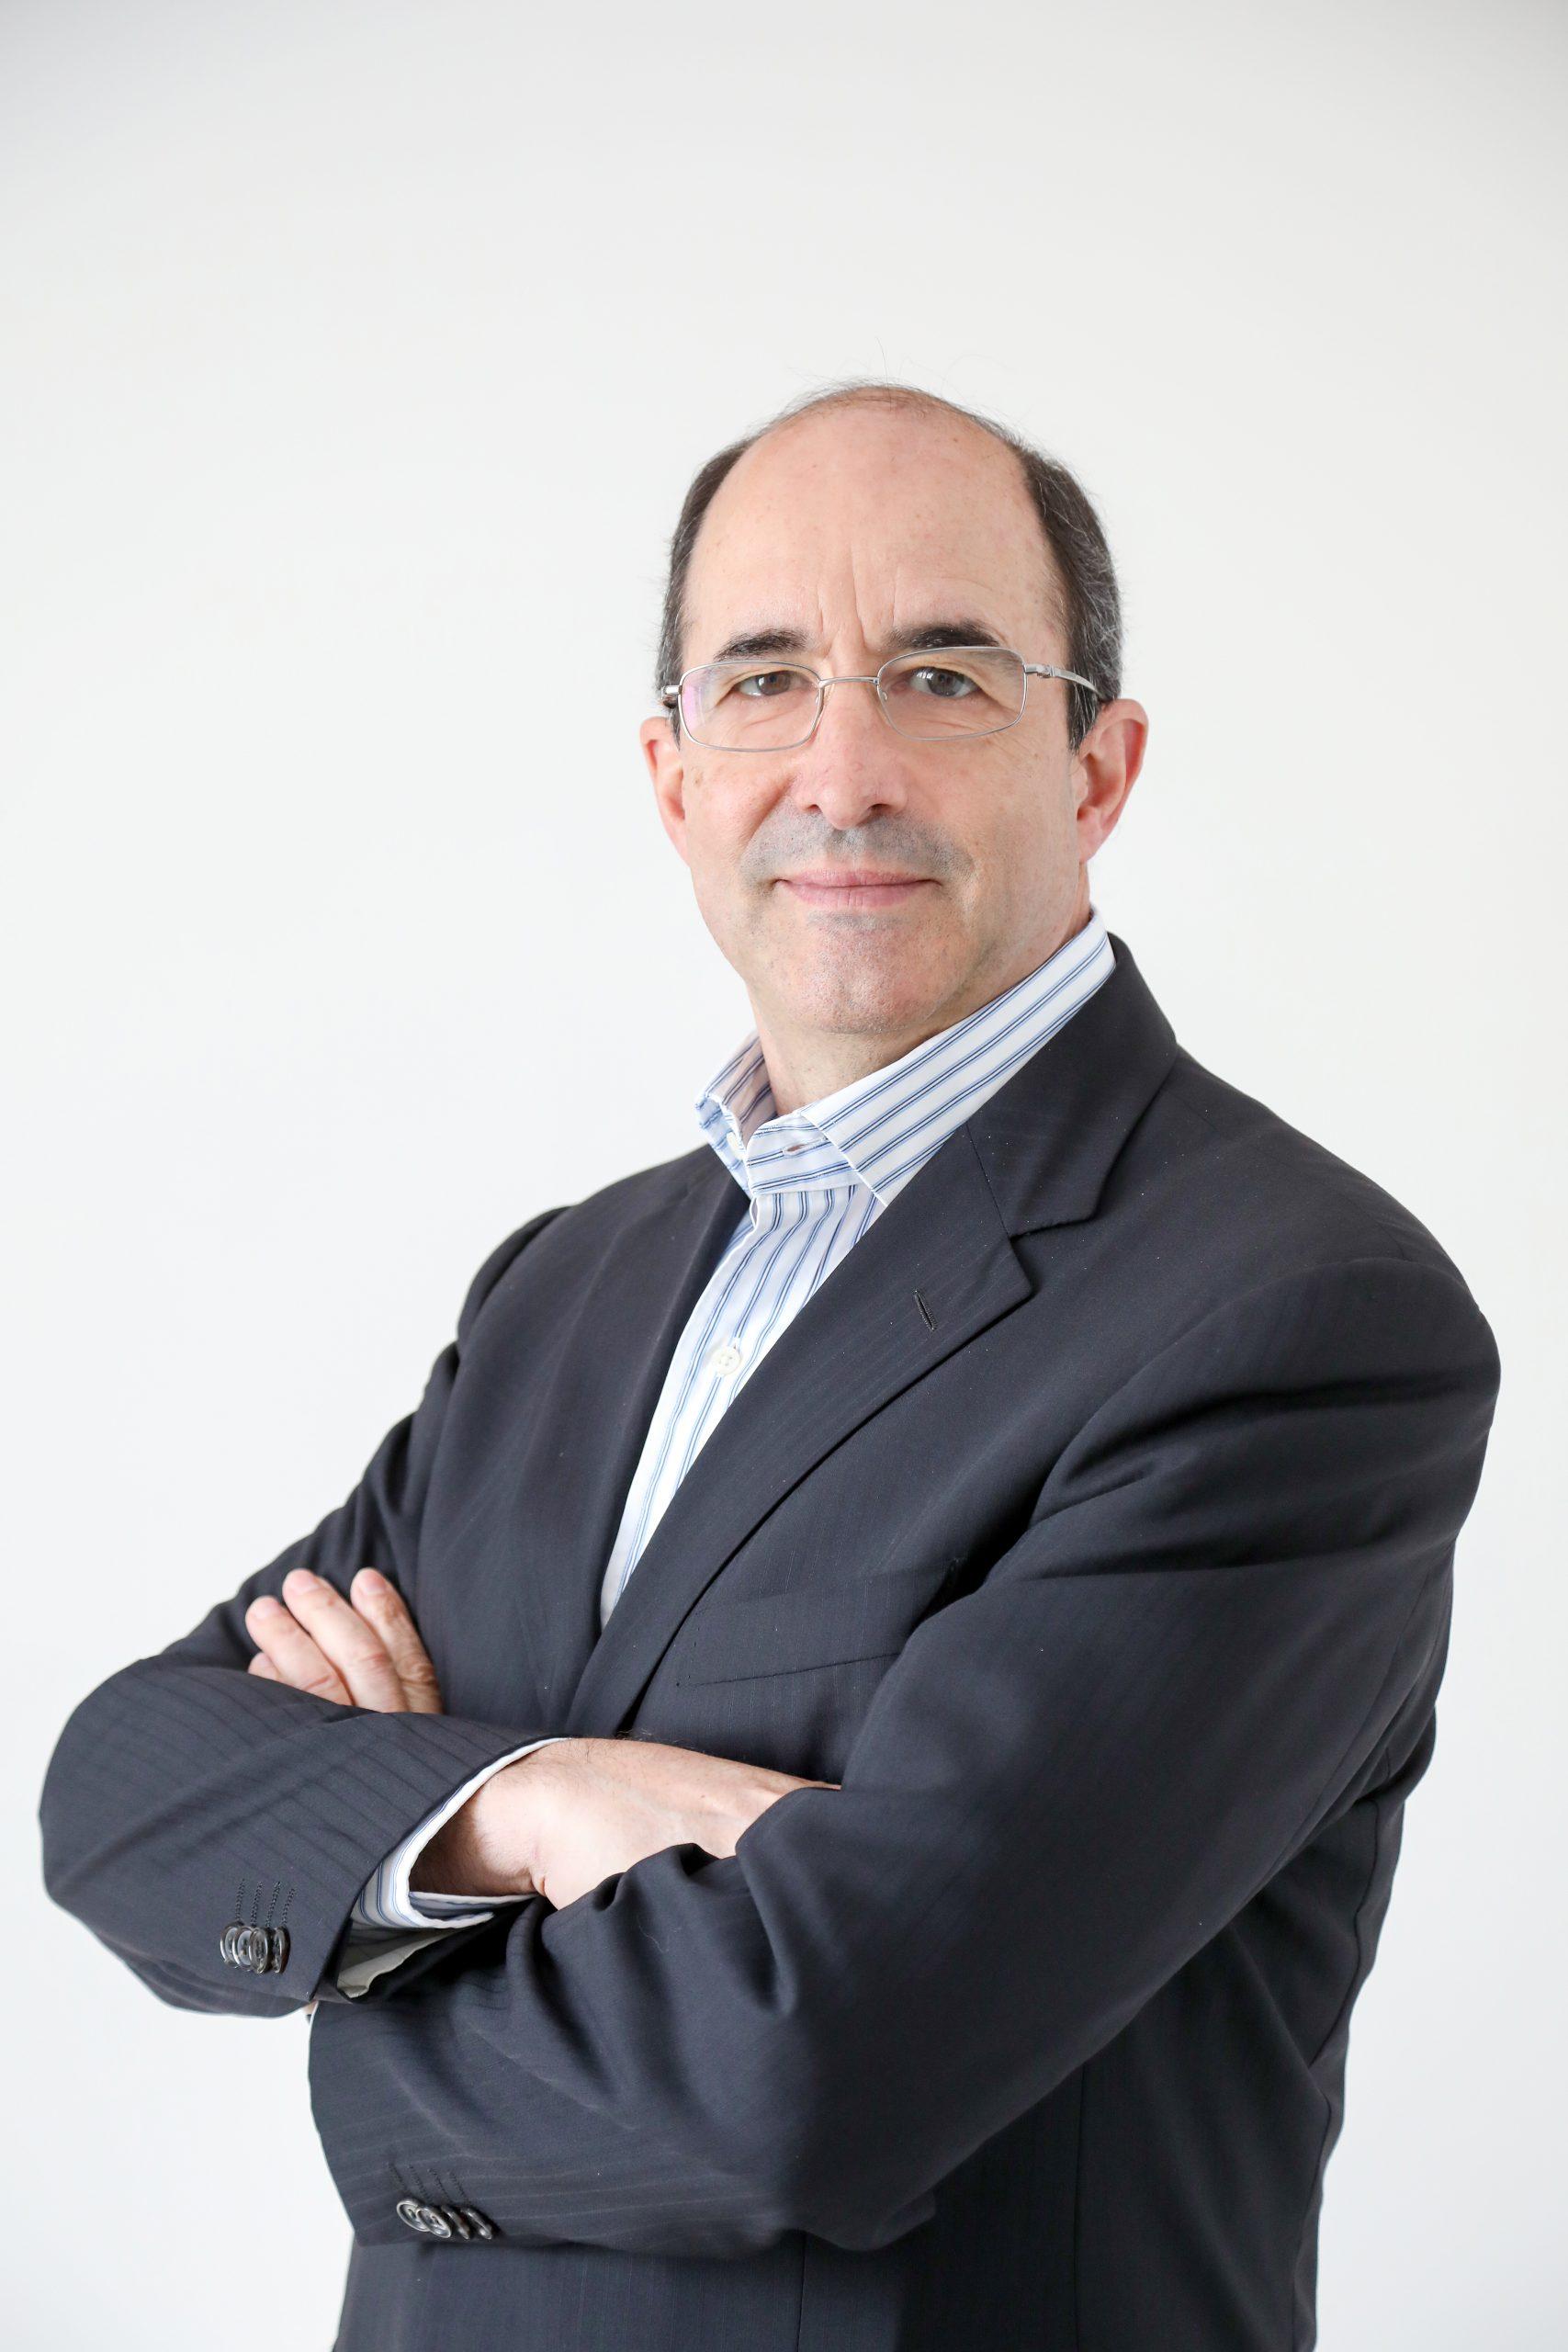 Antonio Barriendos